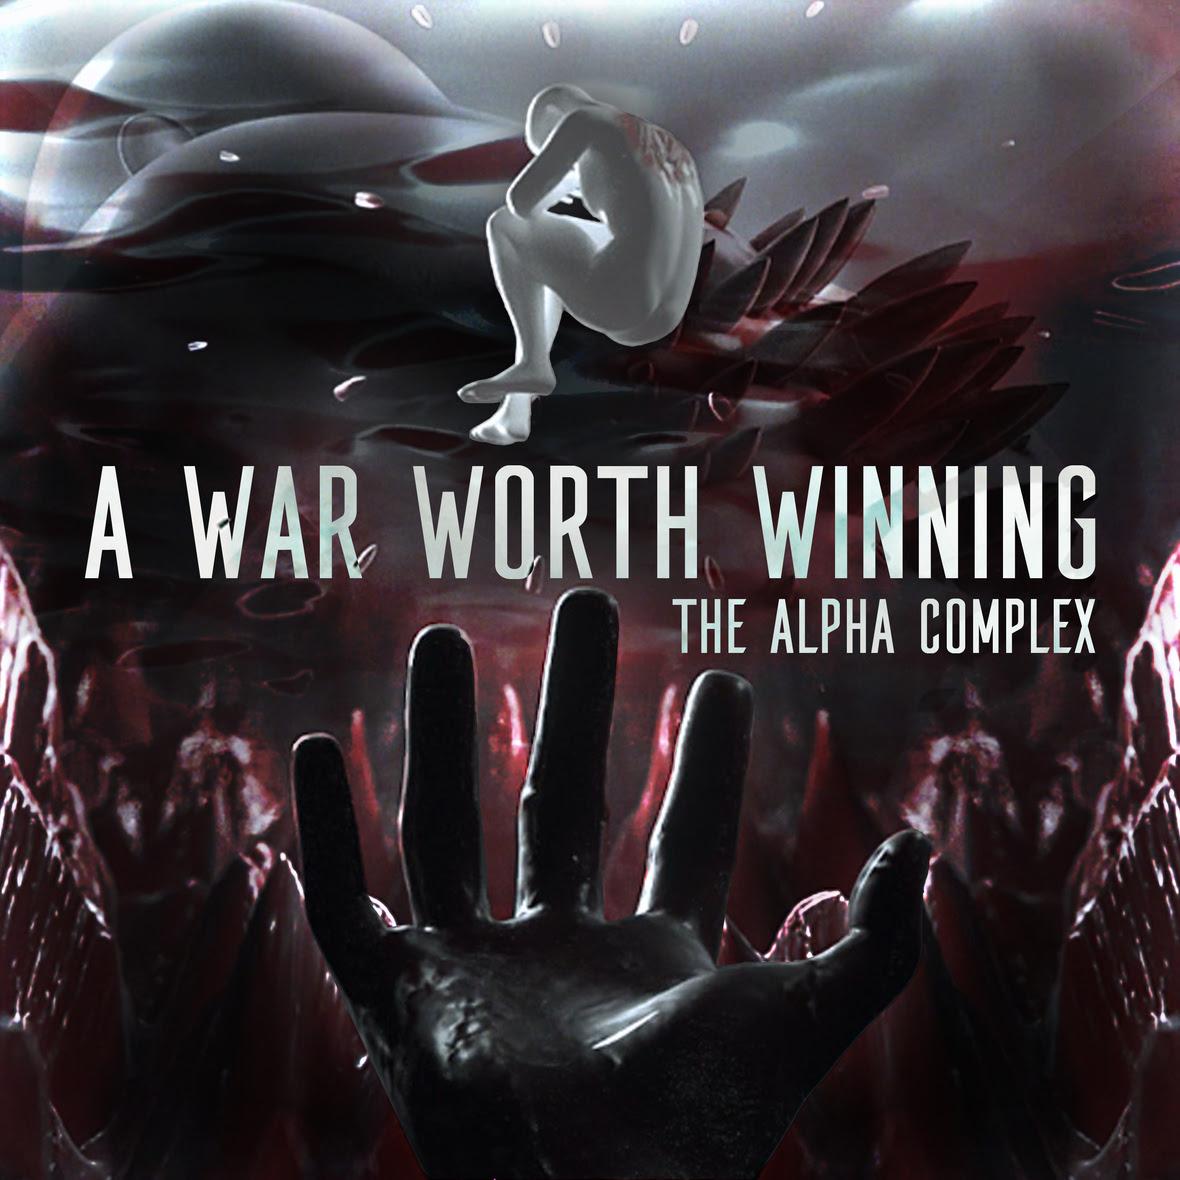 A WAR WORTH WINNING ALBUM ART